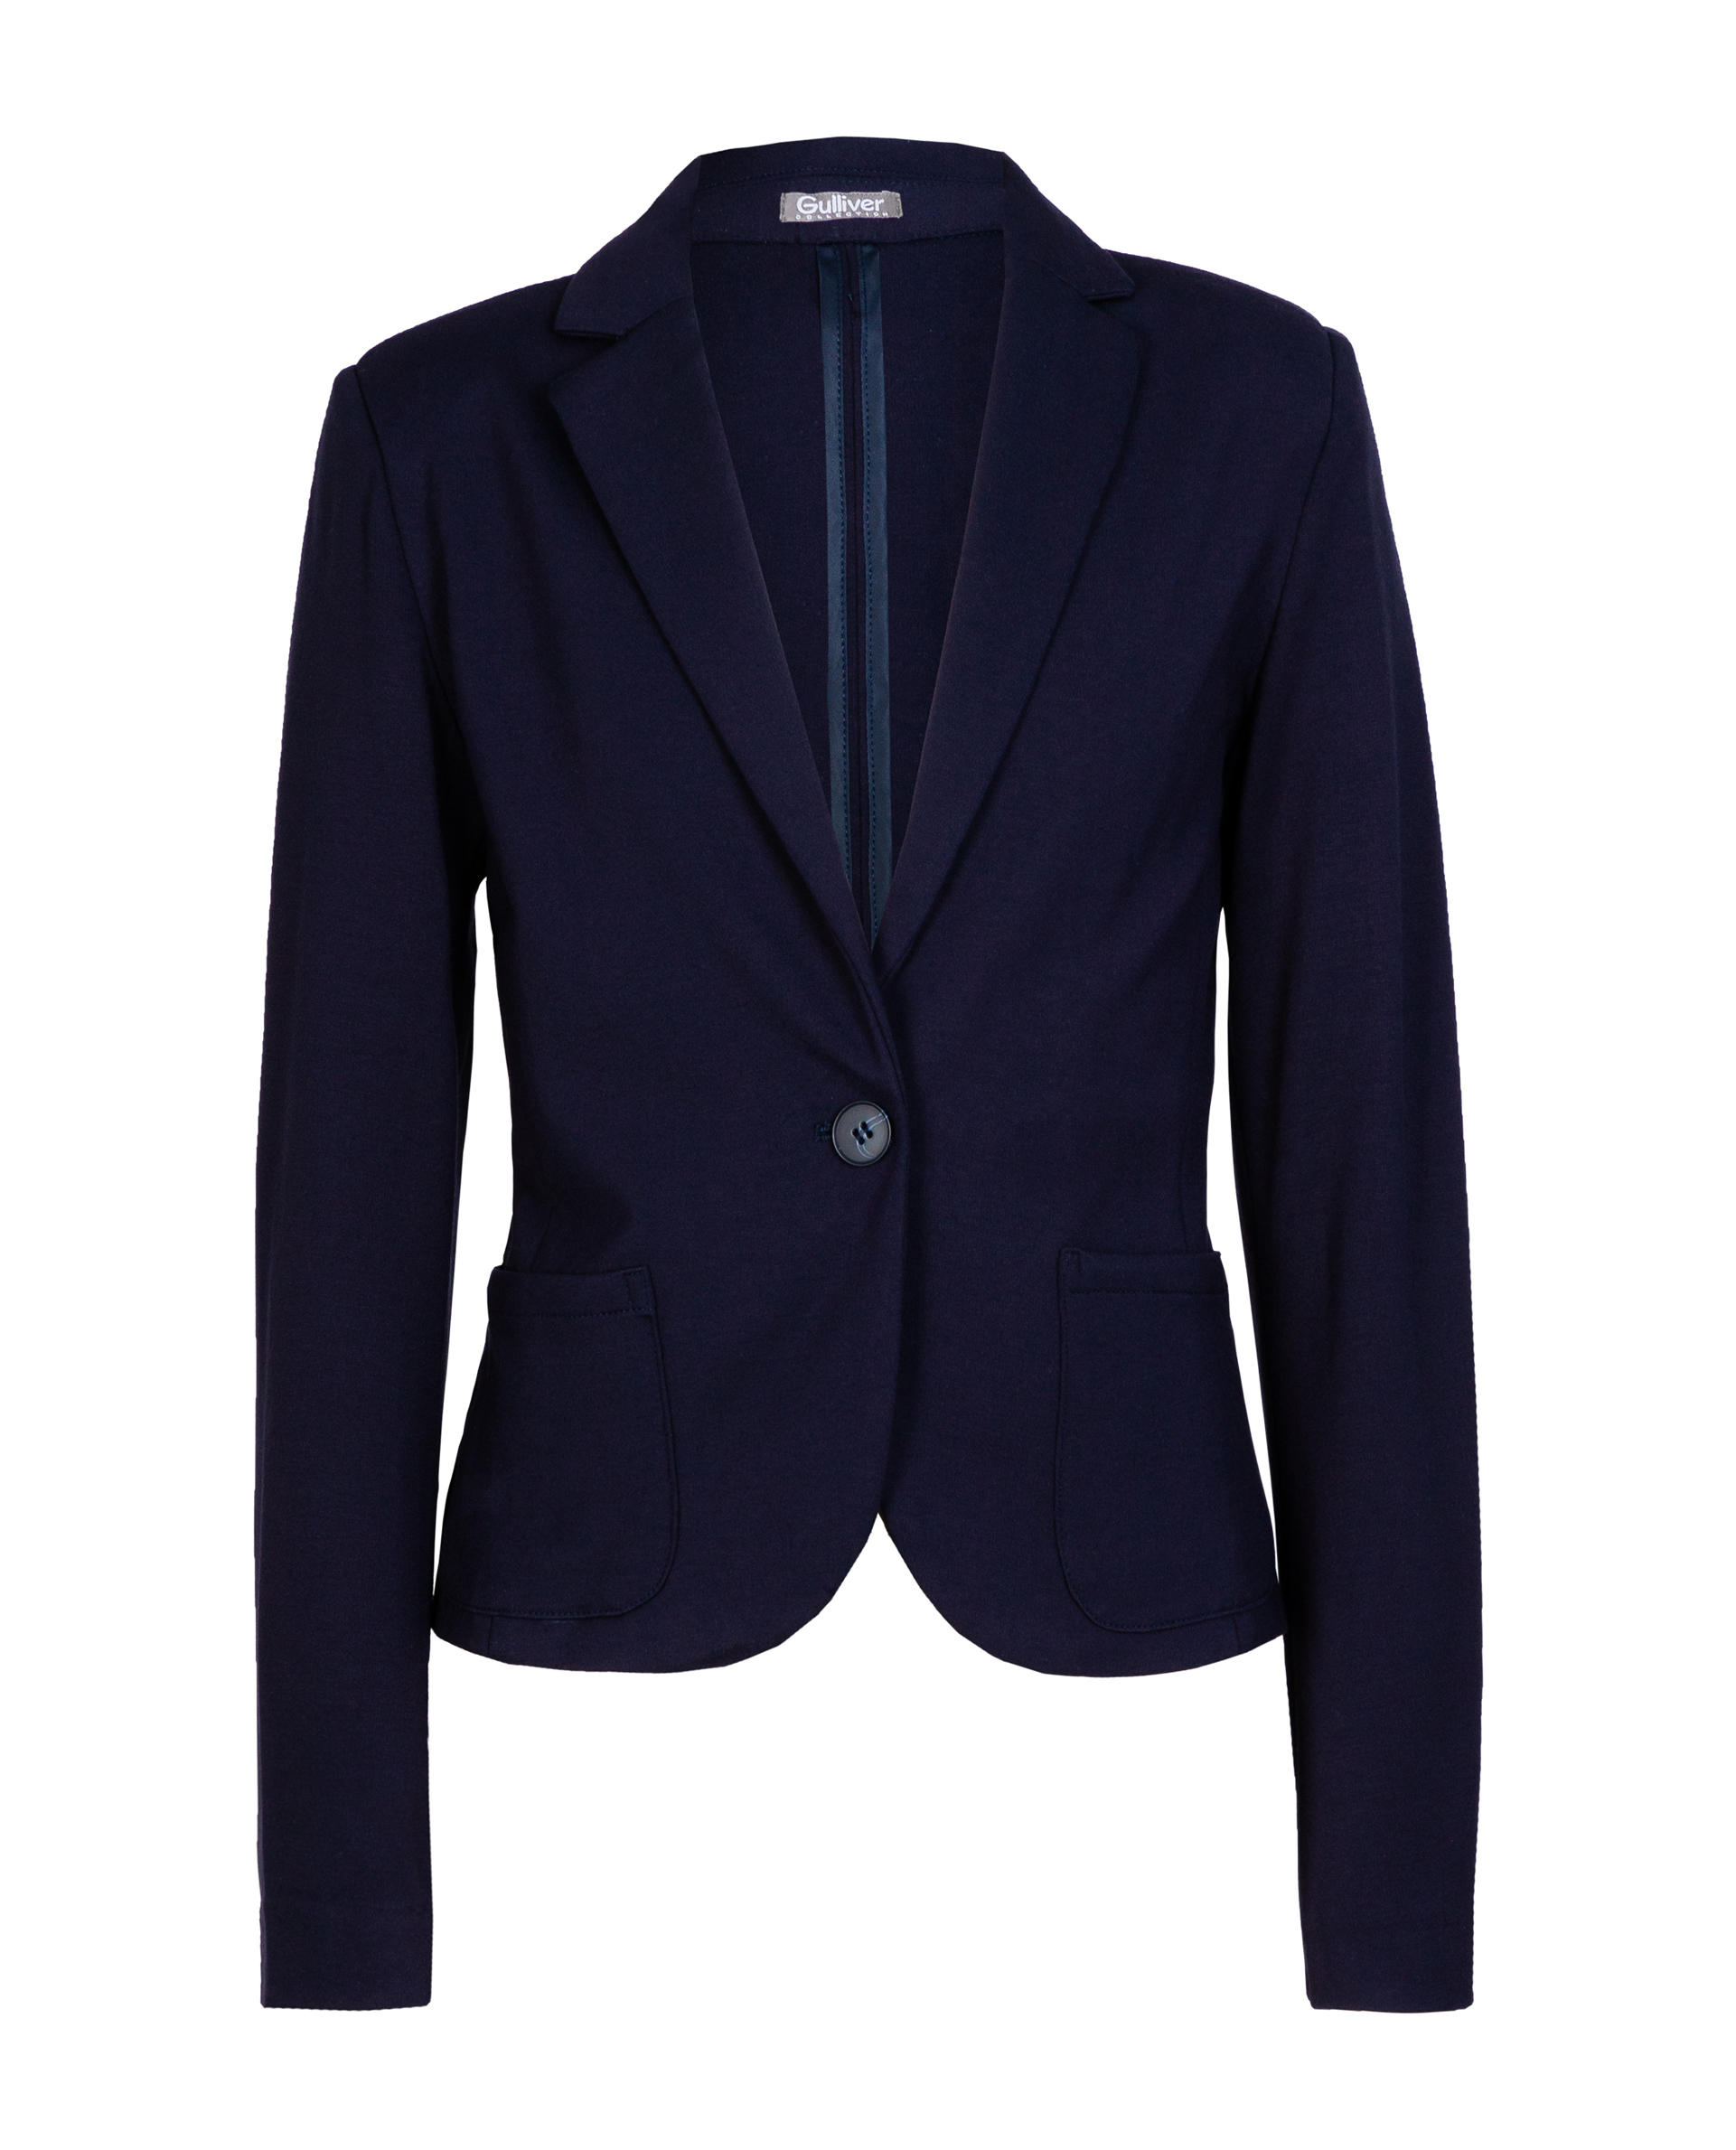 Синий пиджак Gulliver 219GSGC1908 синего цвета